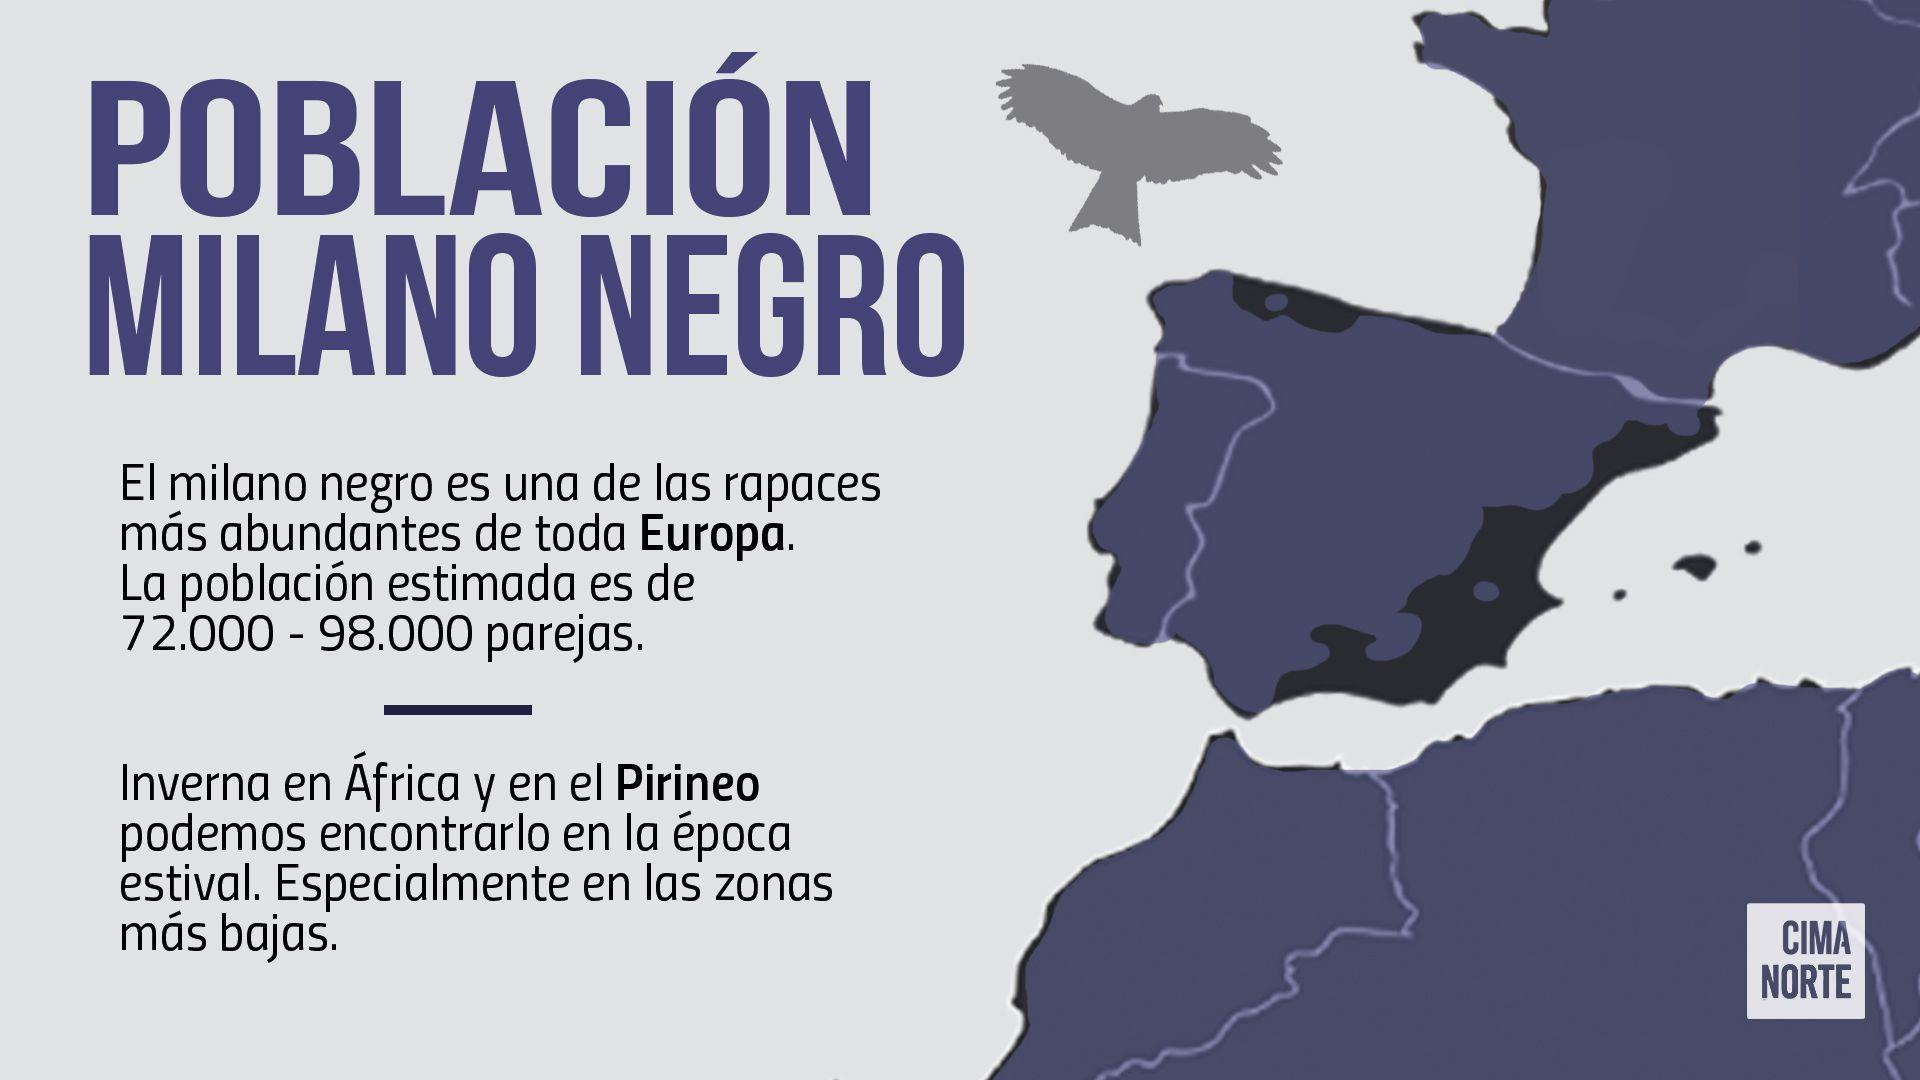 Mapa población milano negro europa